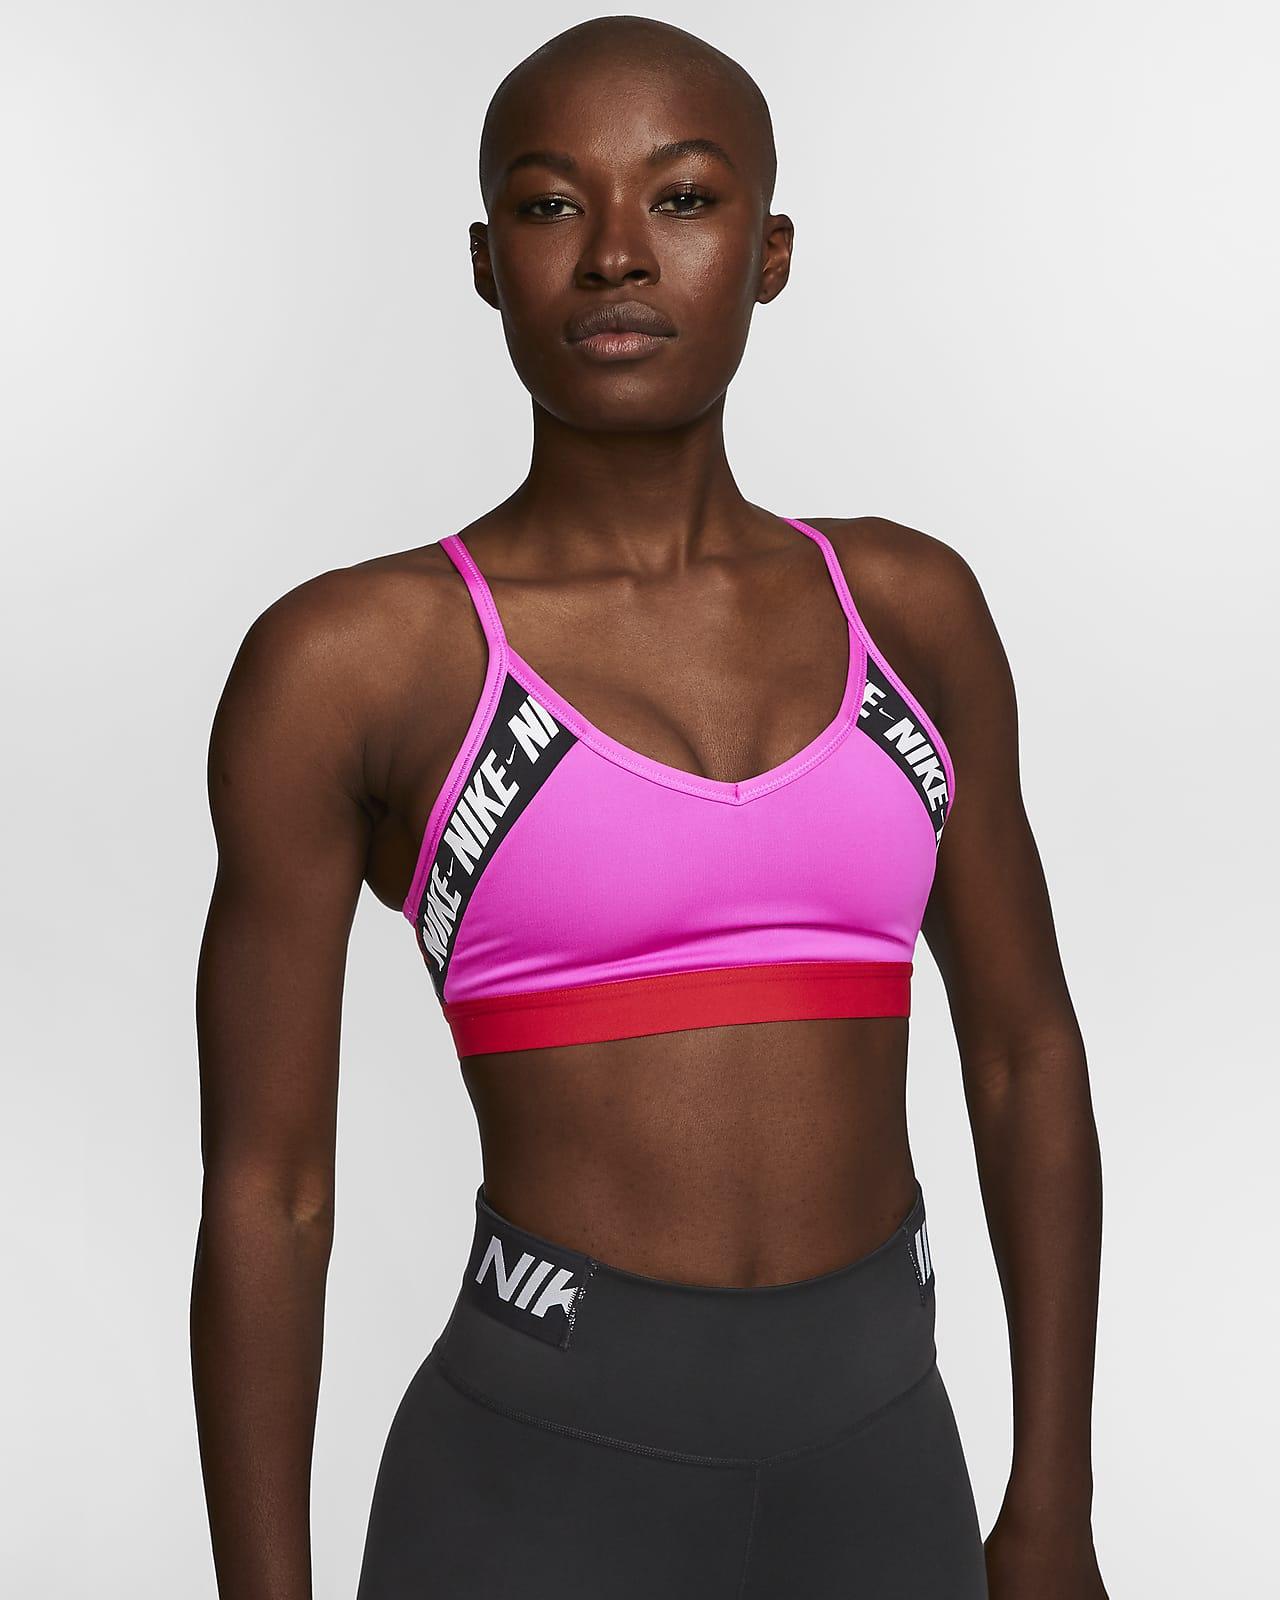 Nike Indy Hafif Destekli Logolu Kadın Spor Sütyeni